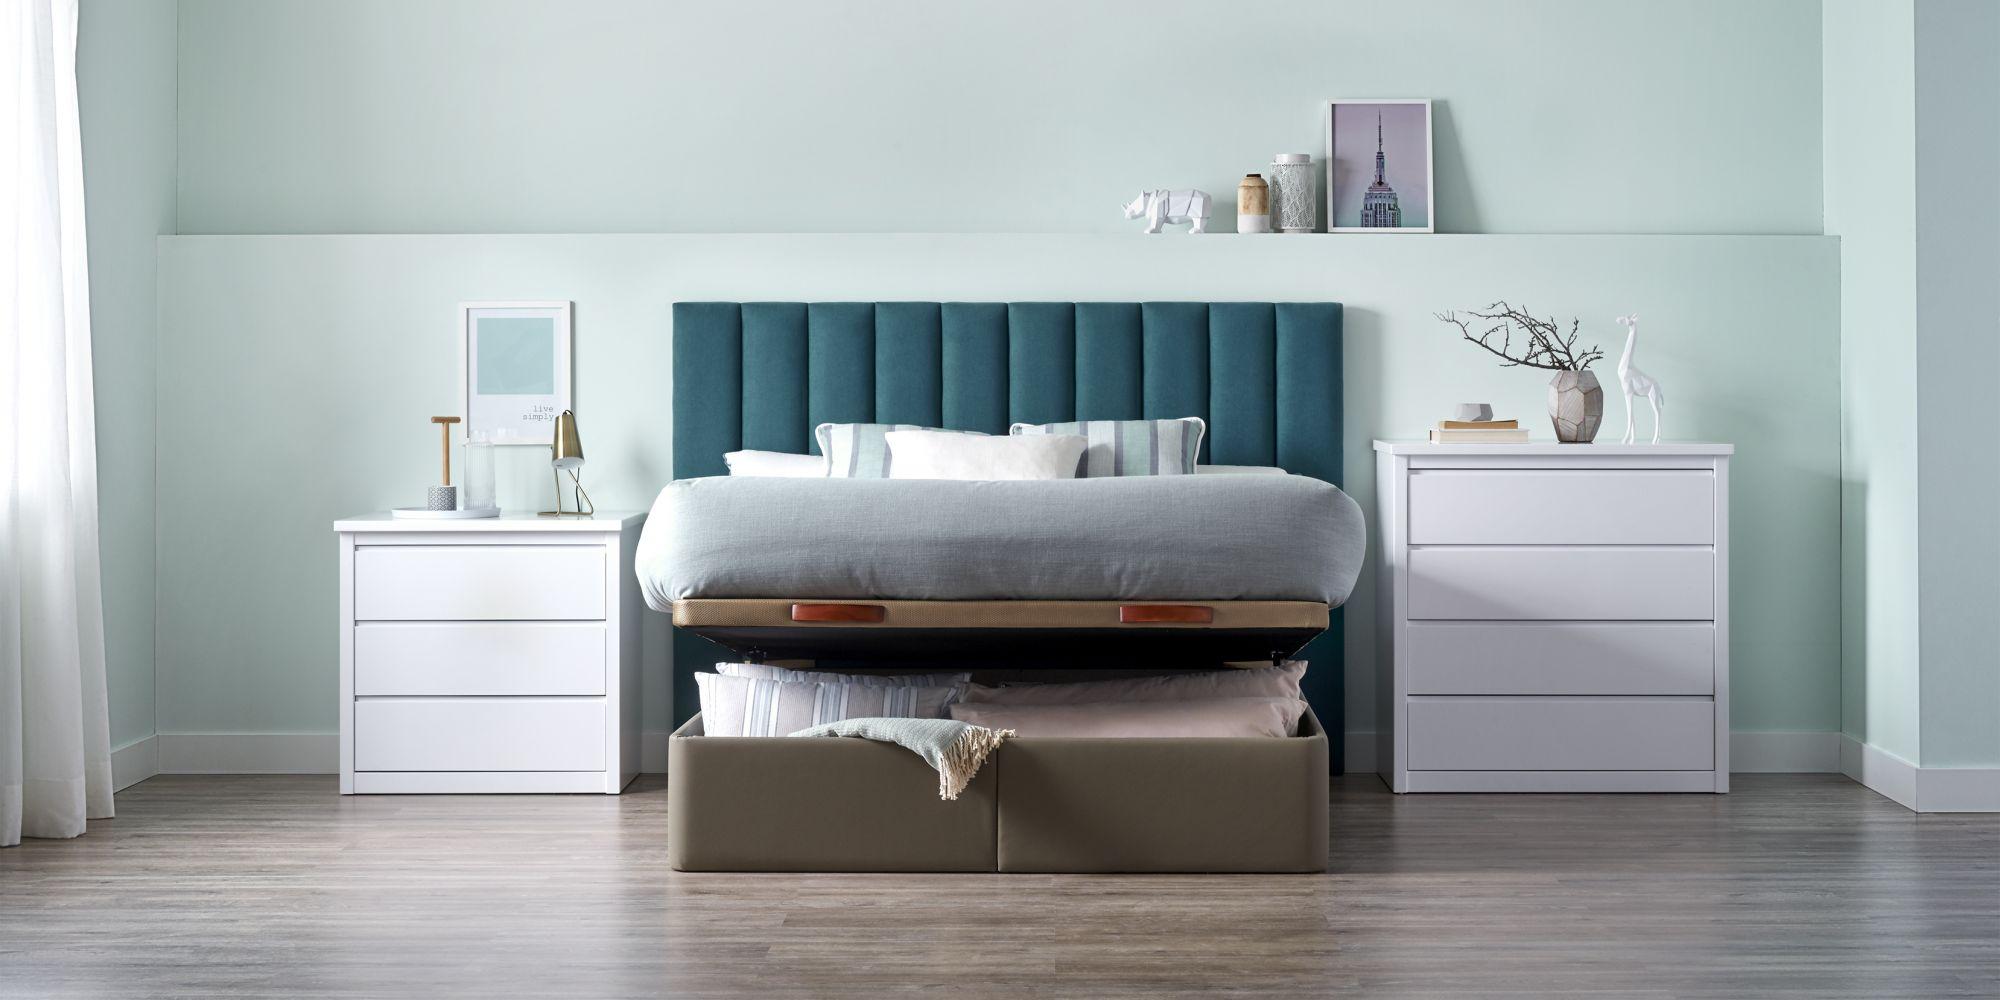 Canape con cabecero tapizado y mesas de noche